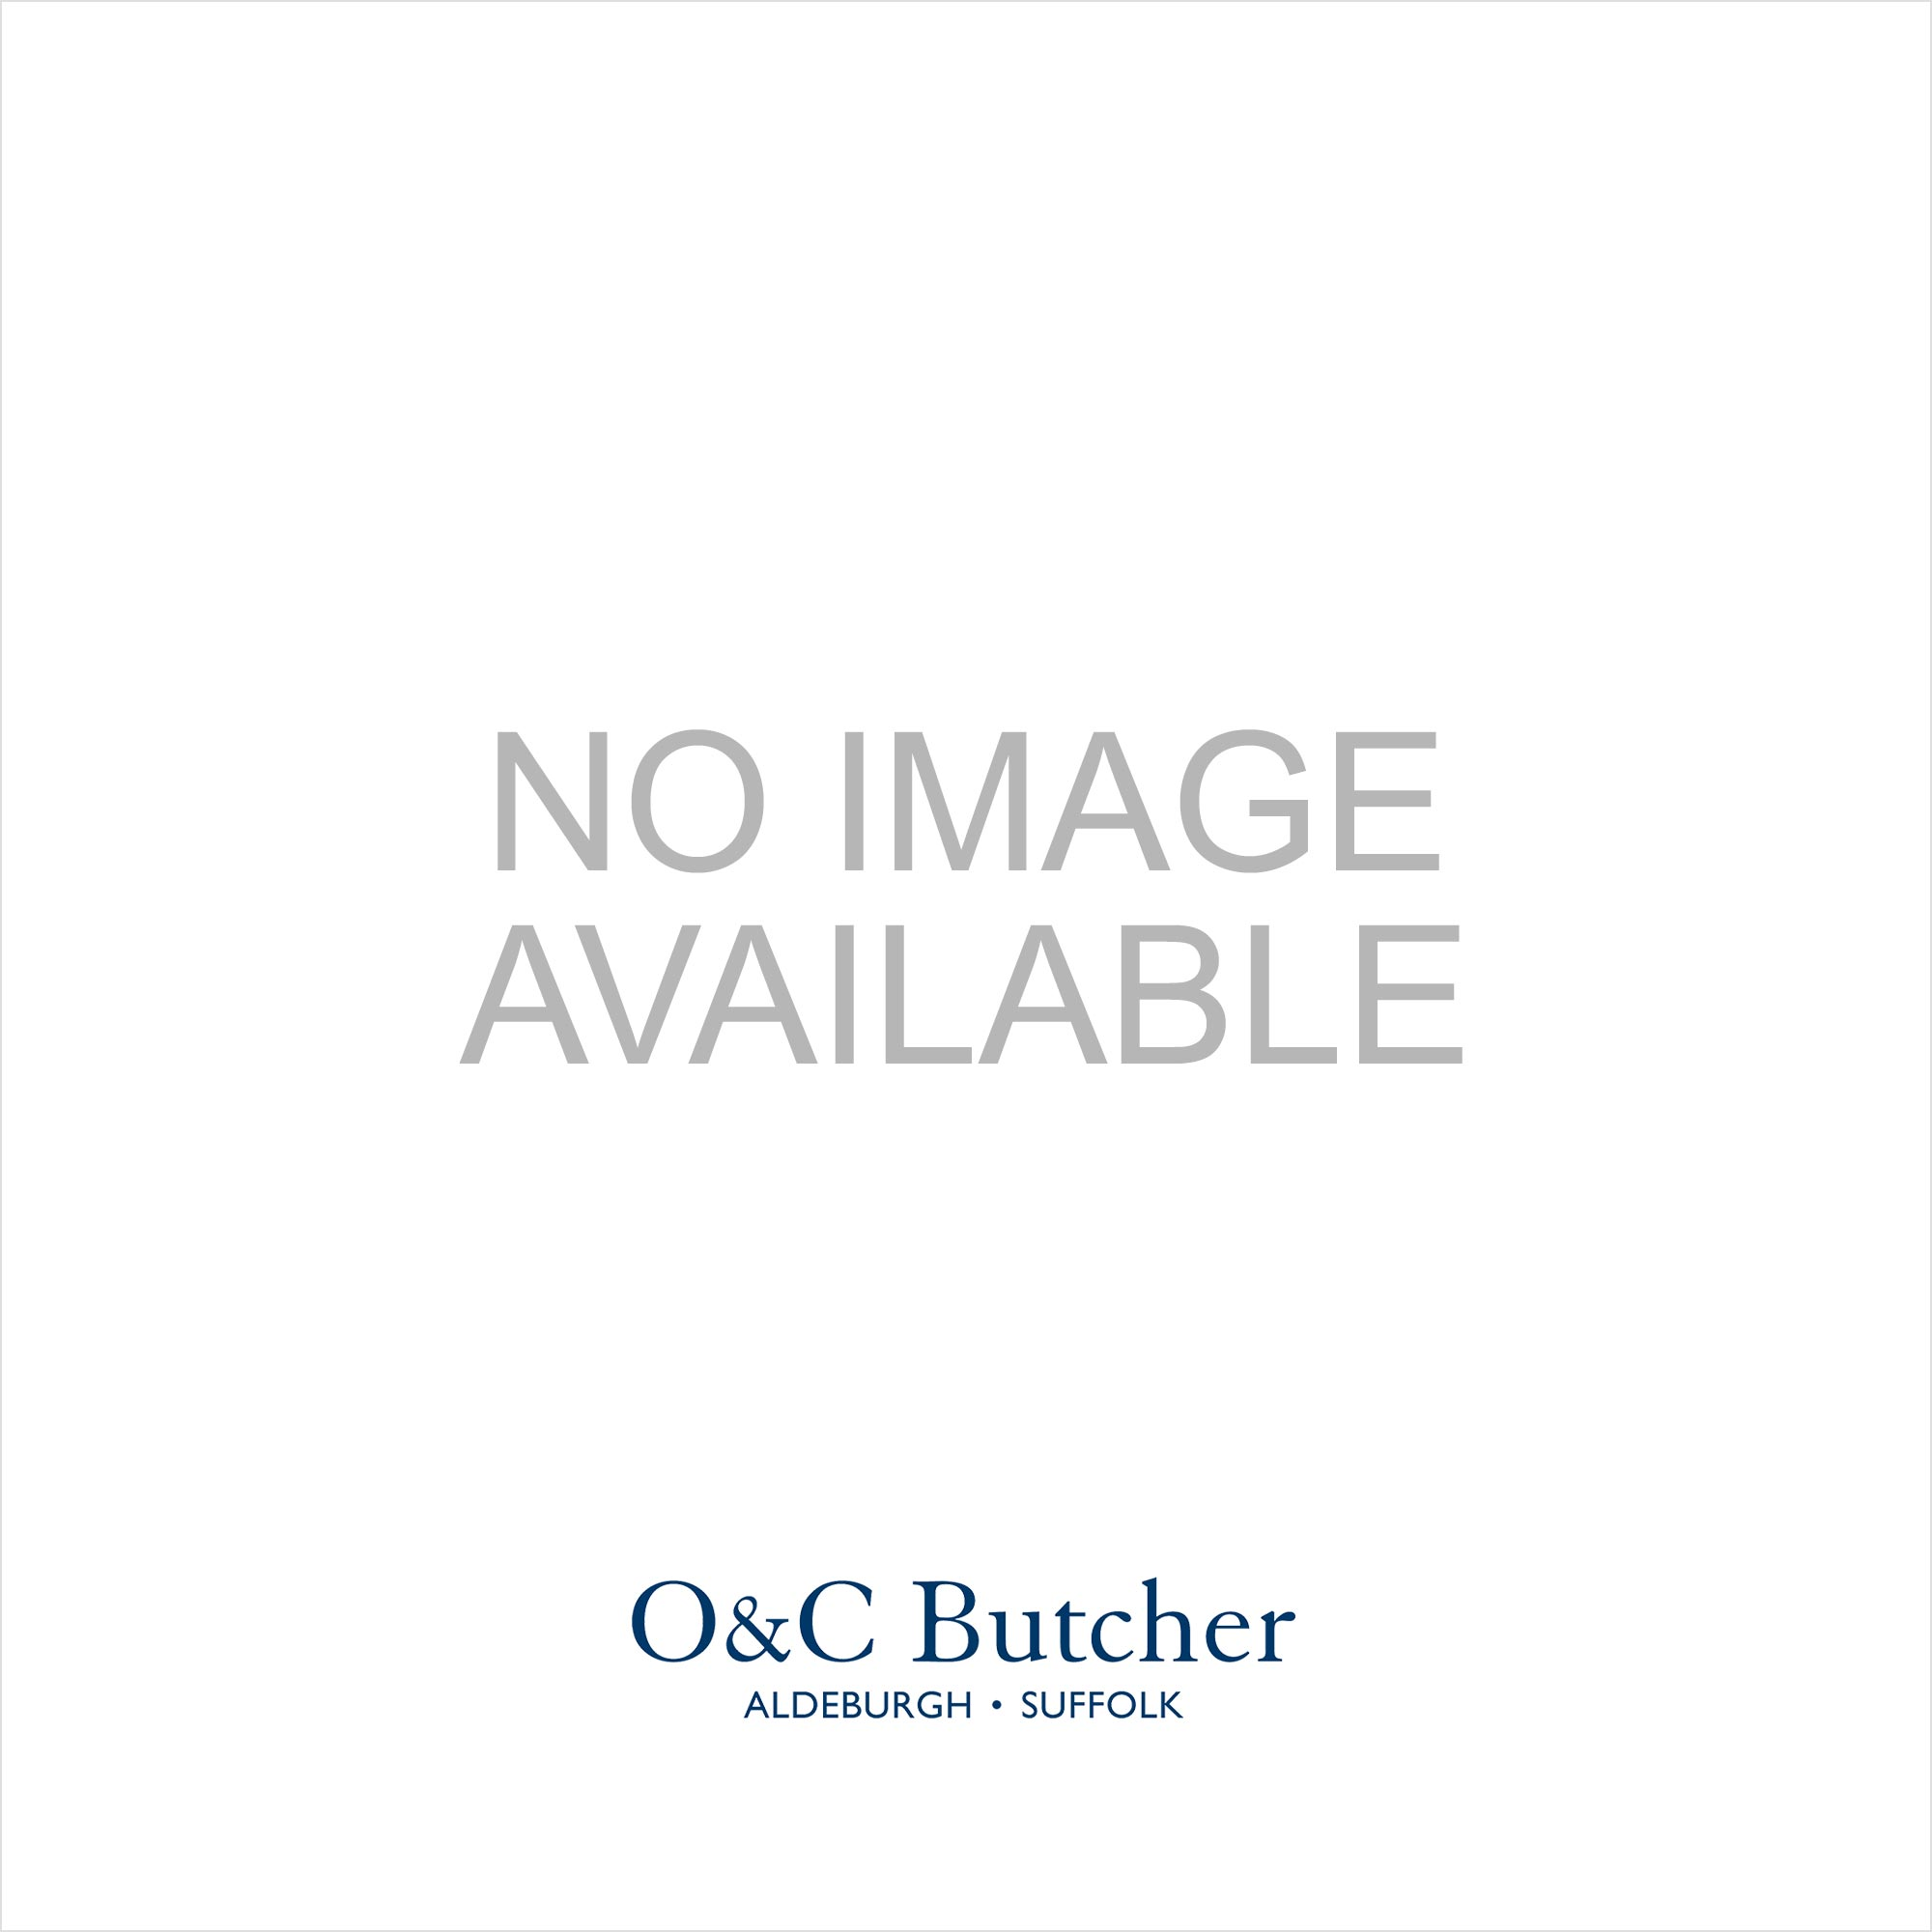 2a44d29b Tilley TWC7 Outback - Mens Hats: O&C Butcher